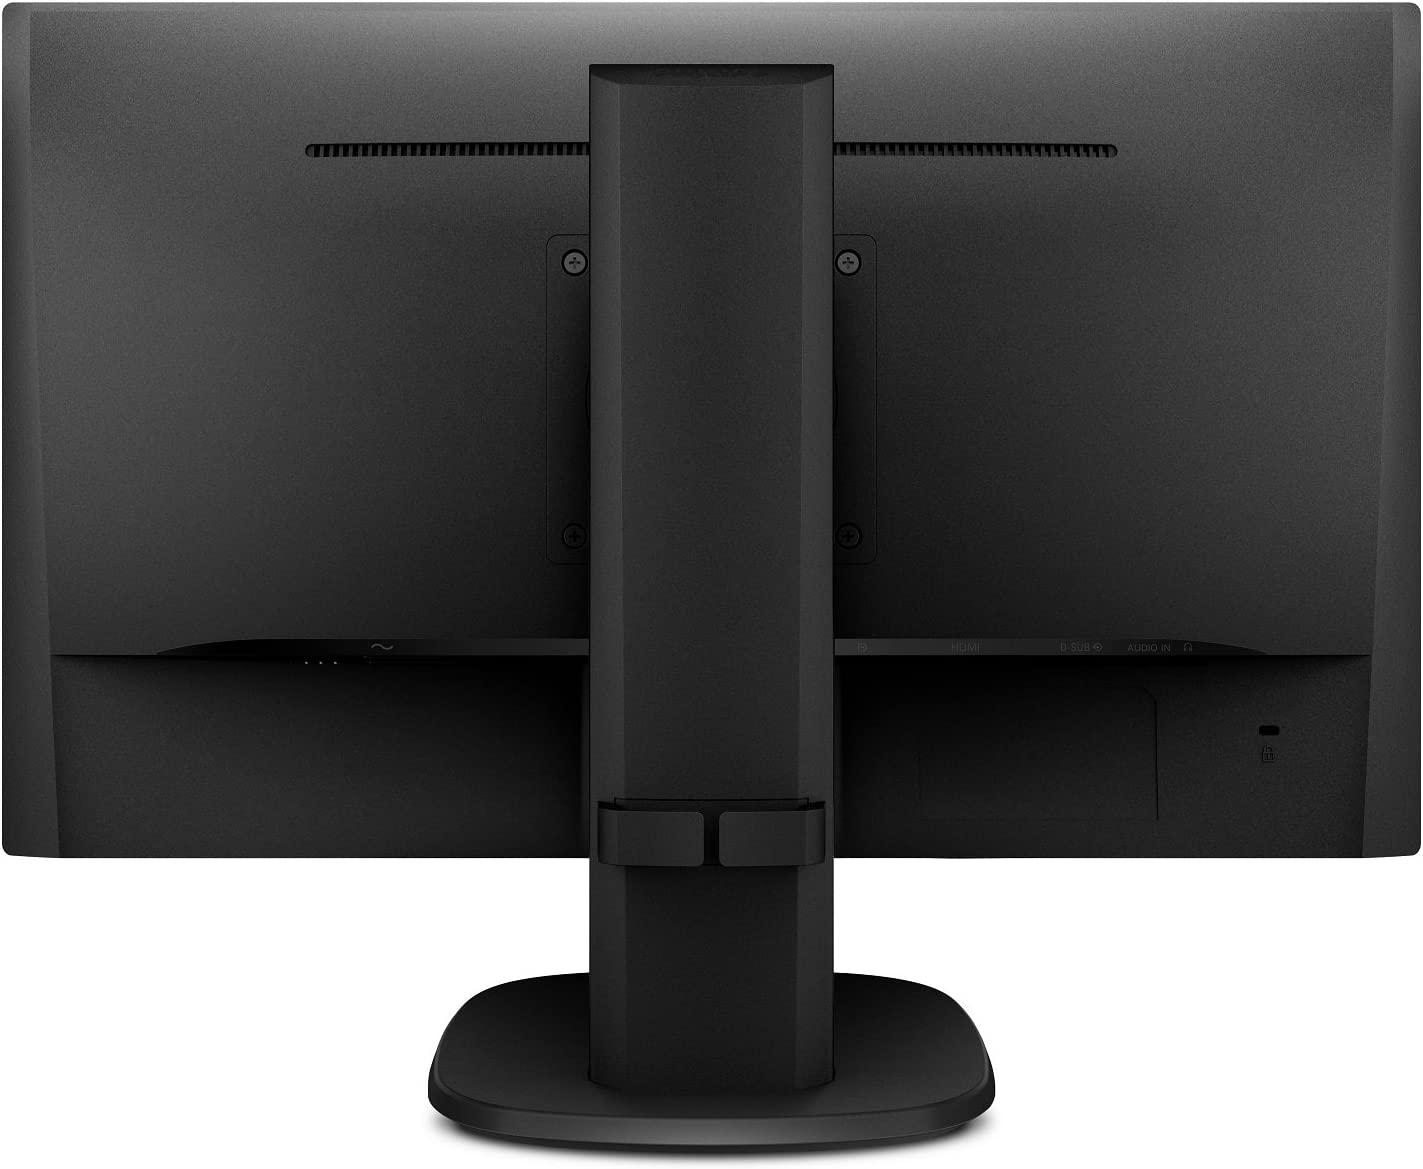 /Écrans Plats de PC , 1920 x 1080 Pixels, Full HD, LED, 5 ms, Noir 60,5 cm Full HD Noir Philips S Line 243S7EJMB LED Display 60,5 cm 23.8 23.8